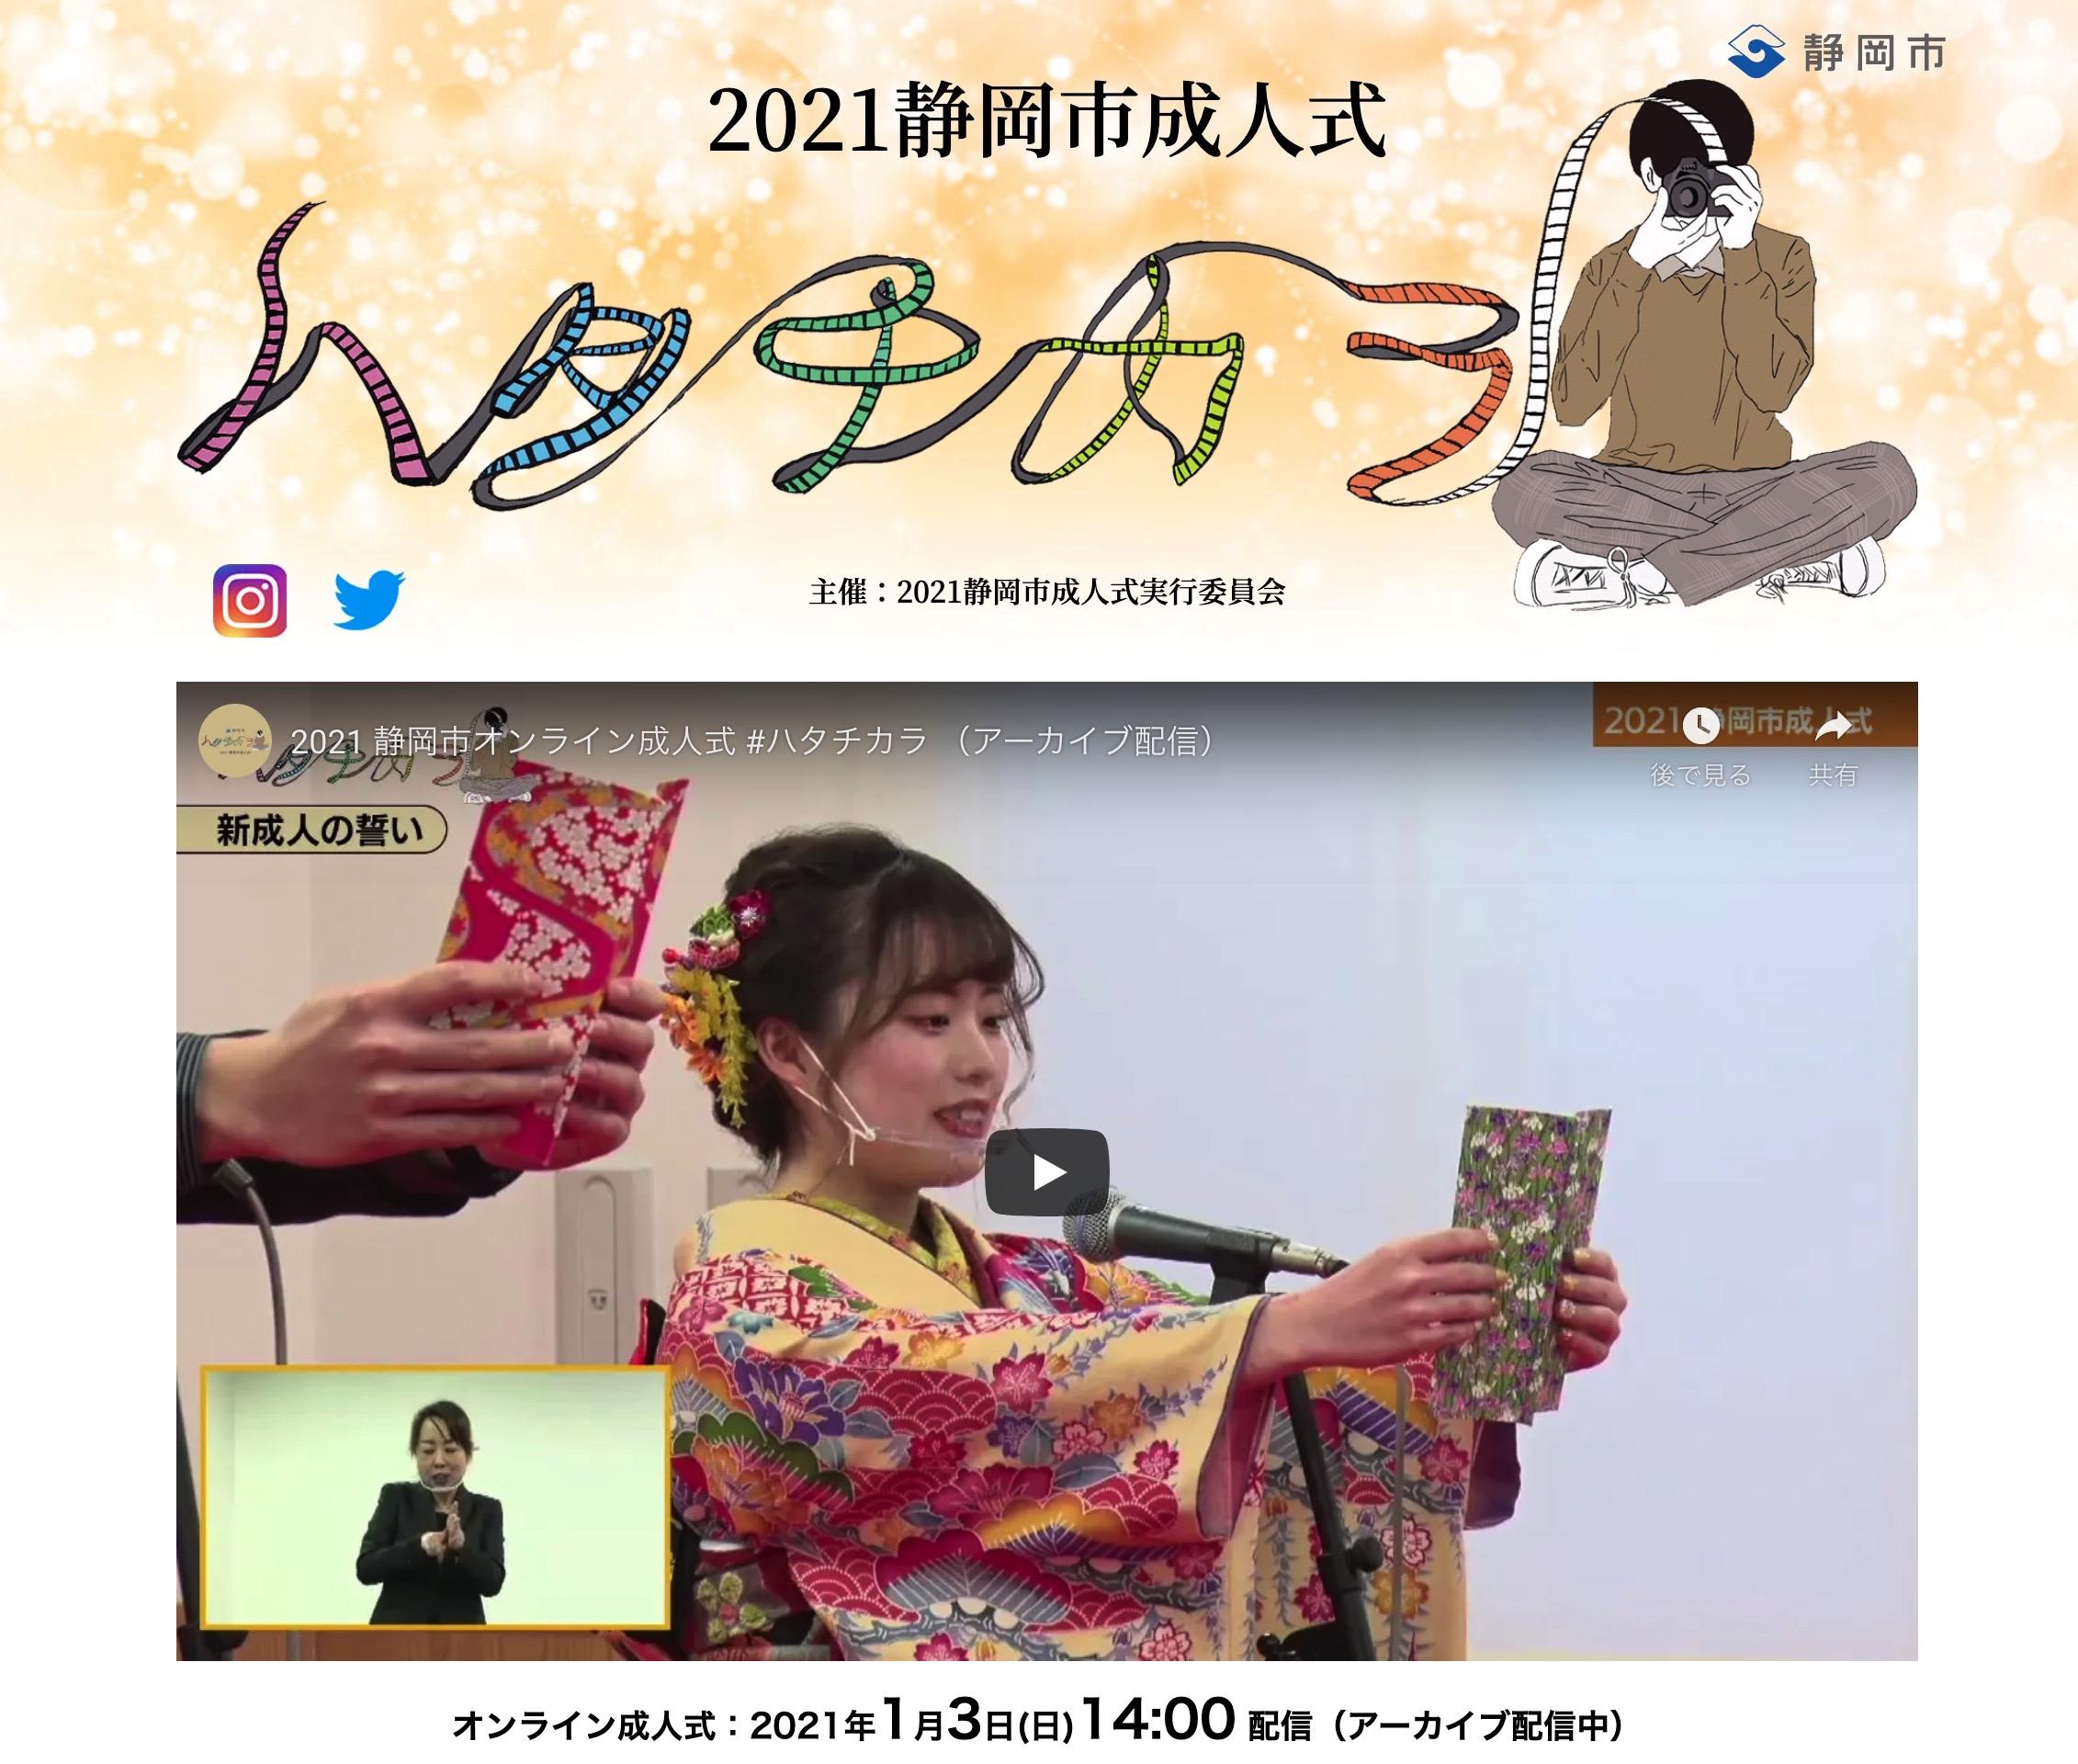 shizuoka-20ceremony-2021